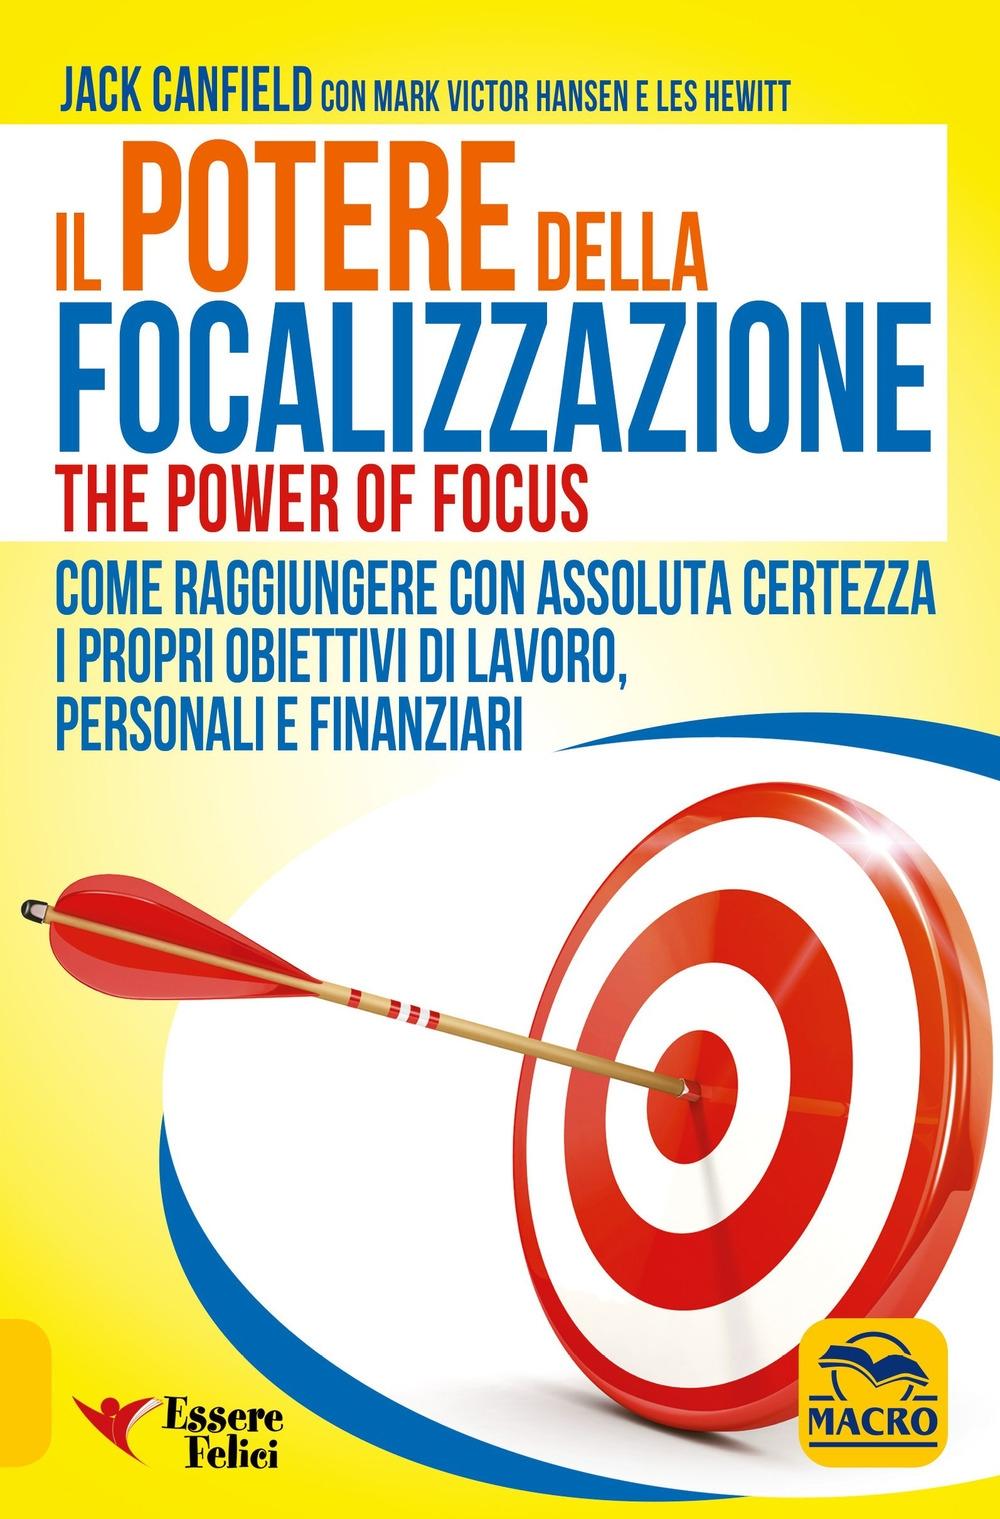 Il potere della focalizzazione. Come raggiungere con assoluta certezza i propri obiettivi di lavoro, personali e finanziari.